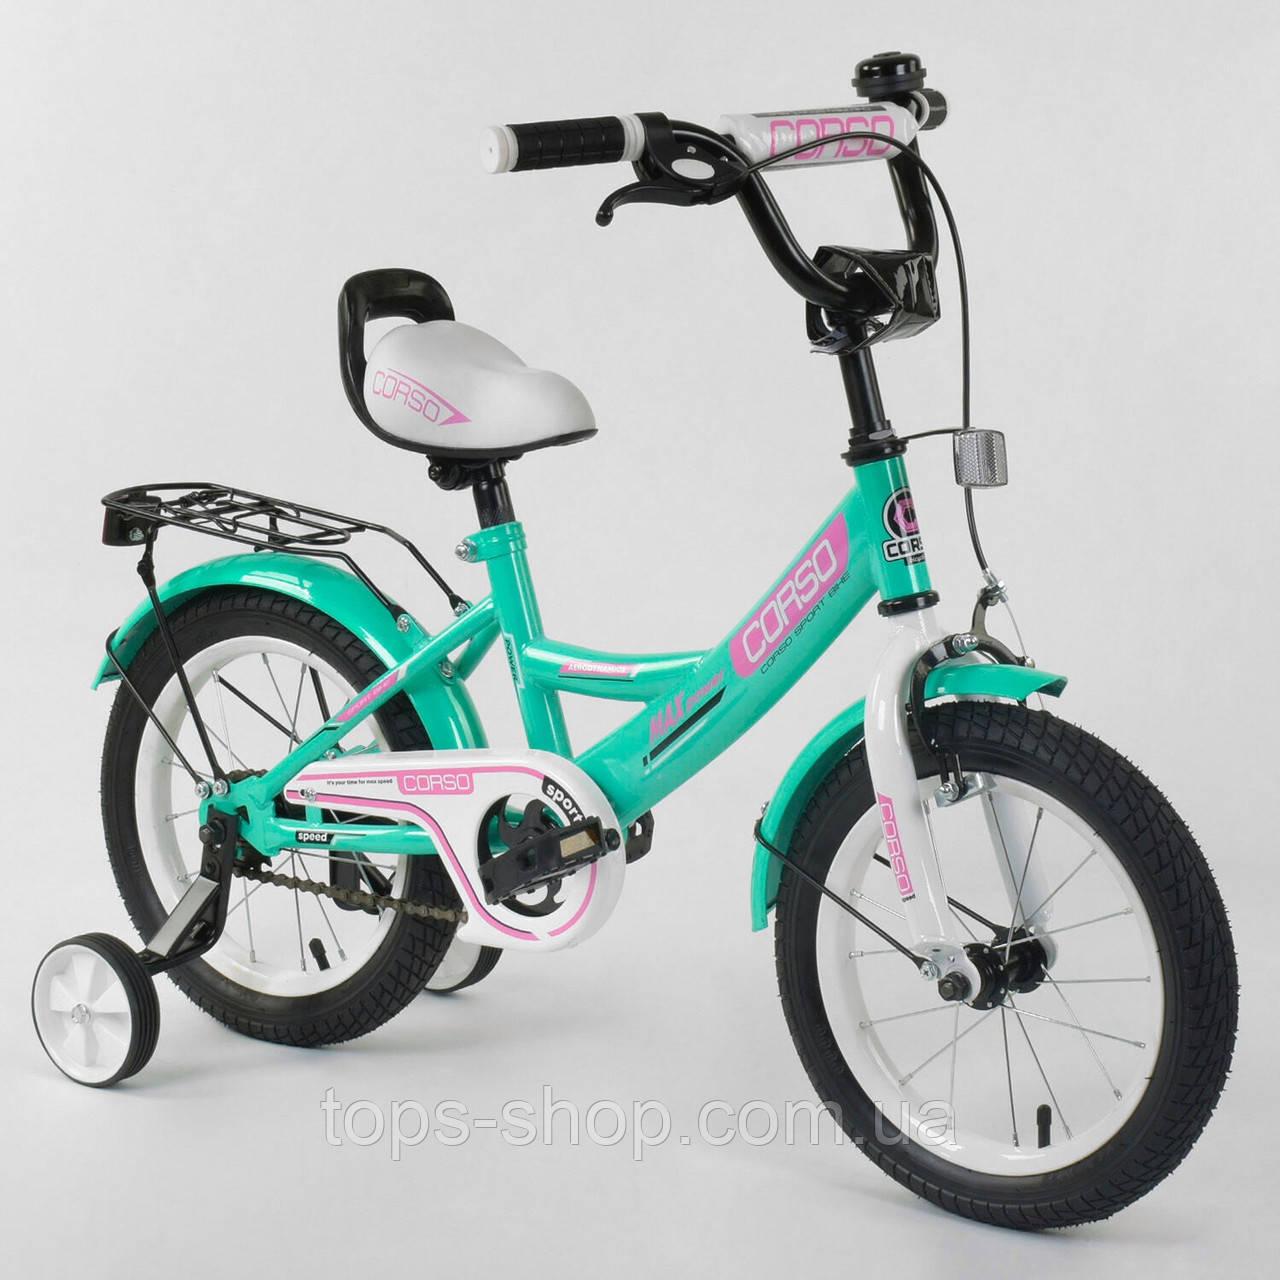 """Велосипед 14"""" дюймів 2-х колісний """"CORSO"""" Бірюзовий, ручного гальма, дзвіночок, сидіння з ручкою, доп. колеса"""